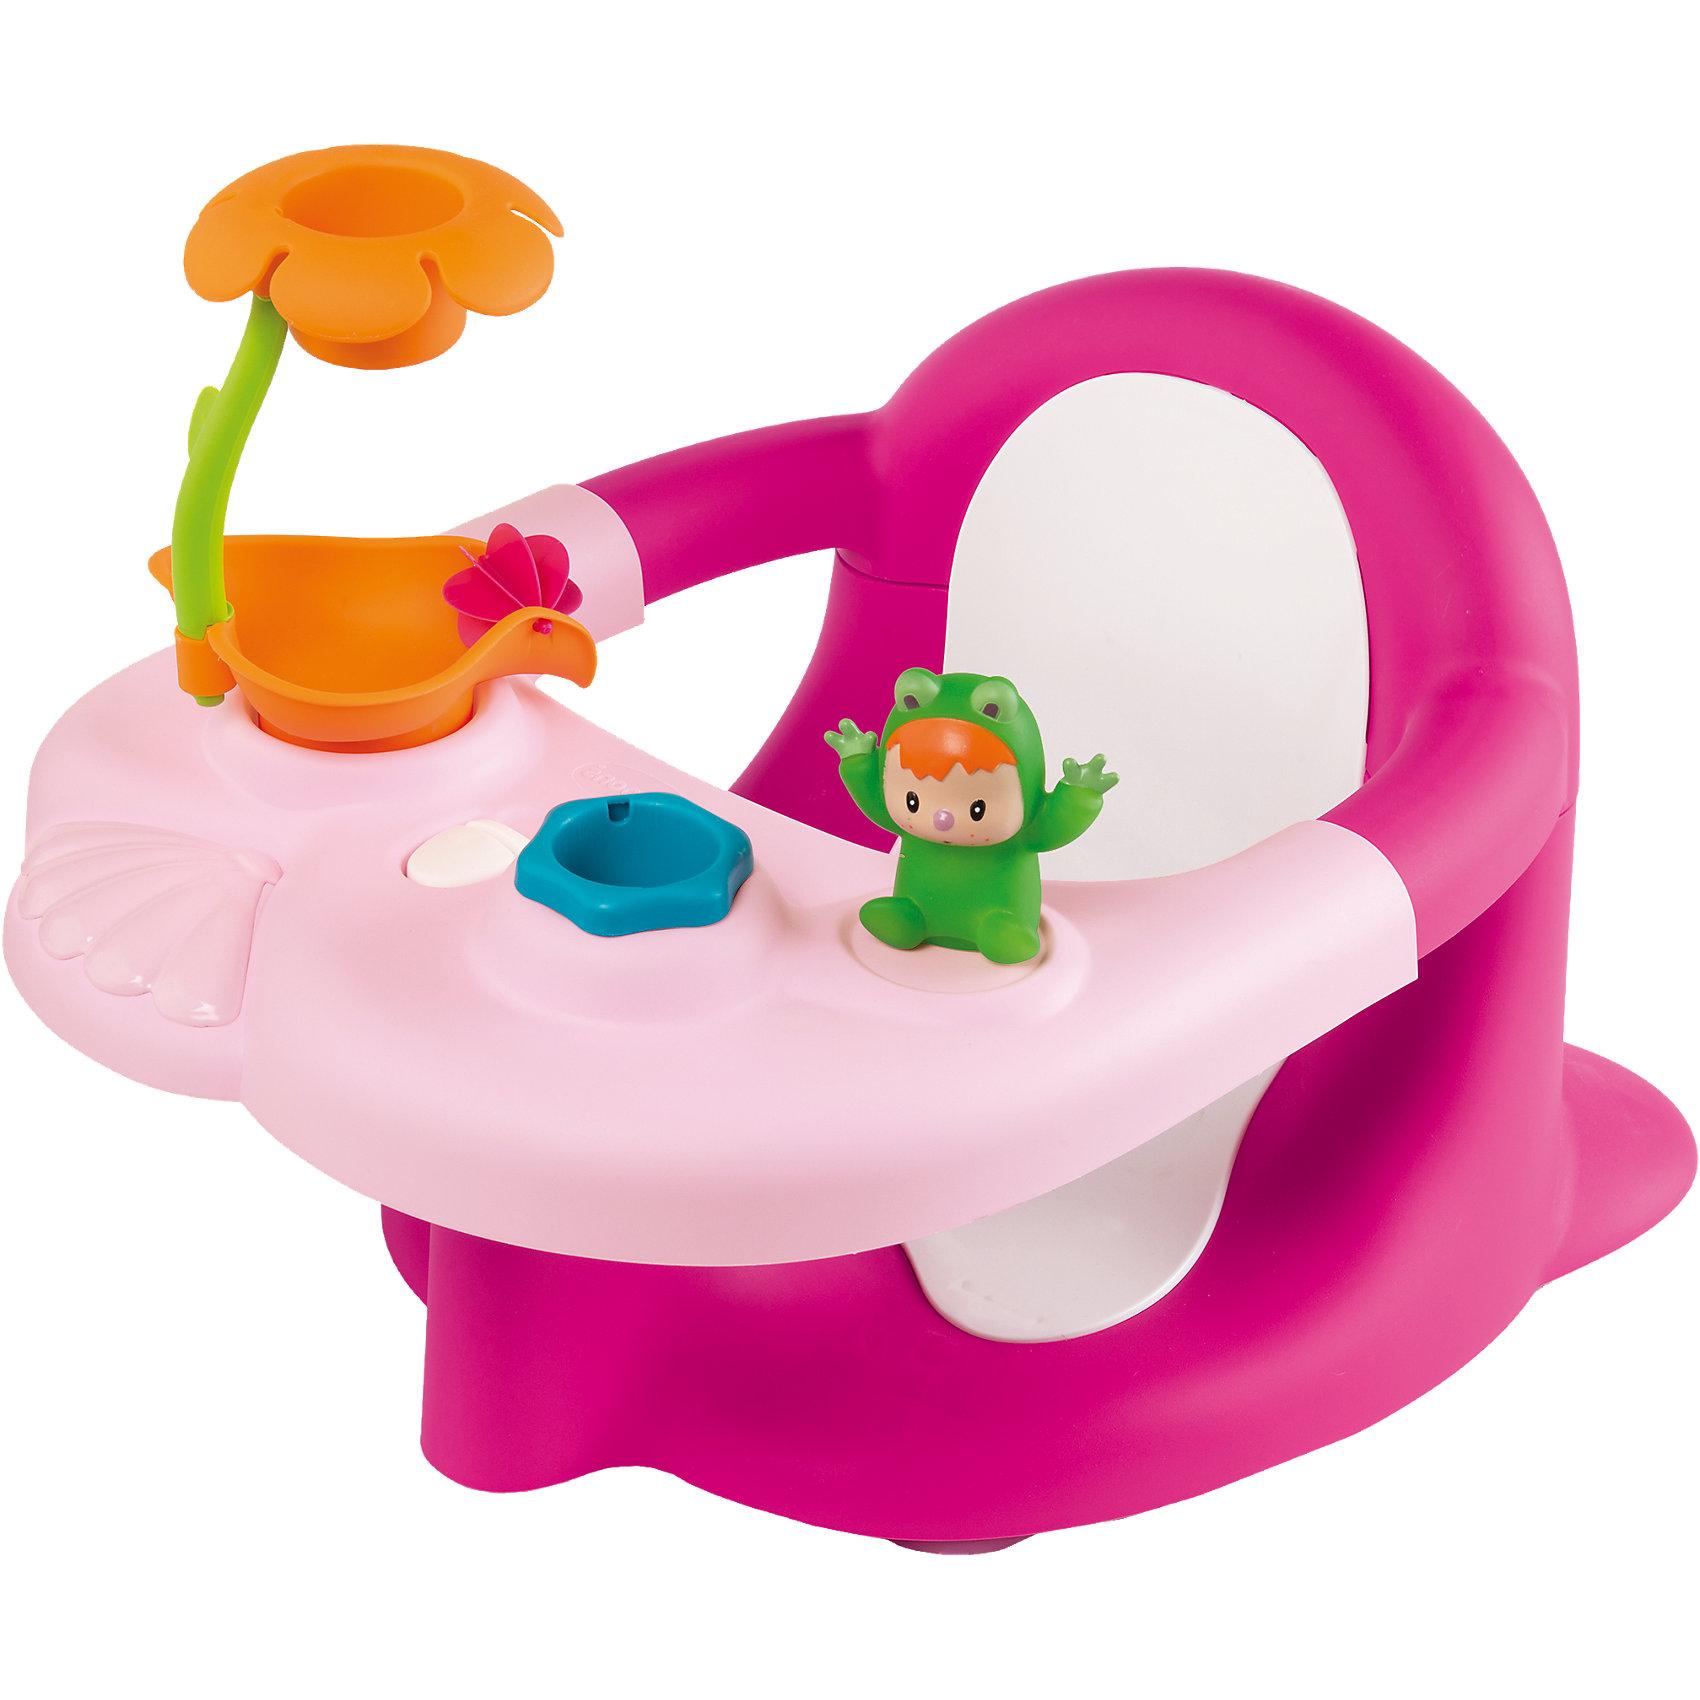 Стульчик-сидение для ванной, розовый, SmobyРазвивающие игрушки<br>Характеристики:<br><br>• отодвигающаяся игровая панель;<br>• игрушки: лягушонок, ведерко, душ в виде цветка;<br>• закругленные углы;<br>• материал: пластик;<br>• размер: 49х34х26 см;<br>• размер упаковки: 52х18х35 см;<br>• вес: 1,6 кг;<br>• страна производитель: Франция.<br><br>Стульчик-сидение от Smoby сделает купание веселым и безопасным. Стульчик предназначен для детей от 6 месяцев,  умеющих сидеть. Удобное сидение поддерживает спинку малыша и предотвращает возможные падения. Стульчик не имеет острых углов, чтобы малыш не поранился во время водных процедур.<br><br>Стульчик оснащен игровой панелью. На ней расположен забавный лягушонок, ведерко и душ, выполненный в виде цветочка. Игрушки смогут занять ребенка и сделать купание еще приятнее. Панель легко отодвигается, чтобы вам было удобно доставать ребенка после водных процедур.<br><br>Стульчик-сидение для ванной, розовый, Smoby (Смоби) можно купить в нашем интернет-магазине.<br><br>Ширина мм: 53<br>Глубина мм: 355<br>Высота мм: 19<br>Вес г: 1540<br>Возраст от месяцев: 6<br>Возраст до месяцев: 2147483647<br>Пол: Женский<br>Возраст: Детский<br>SKU: 3725352